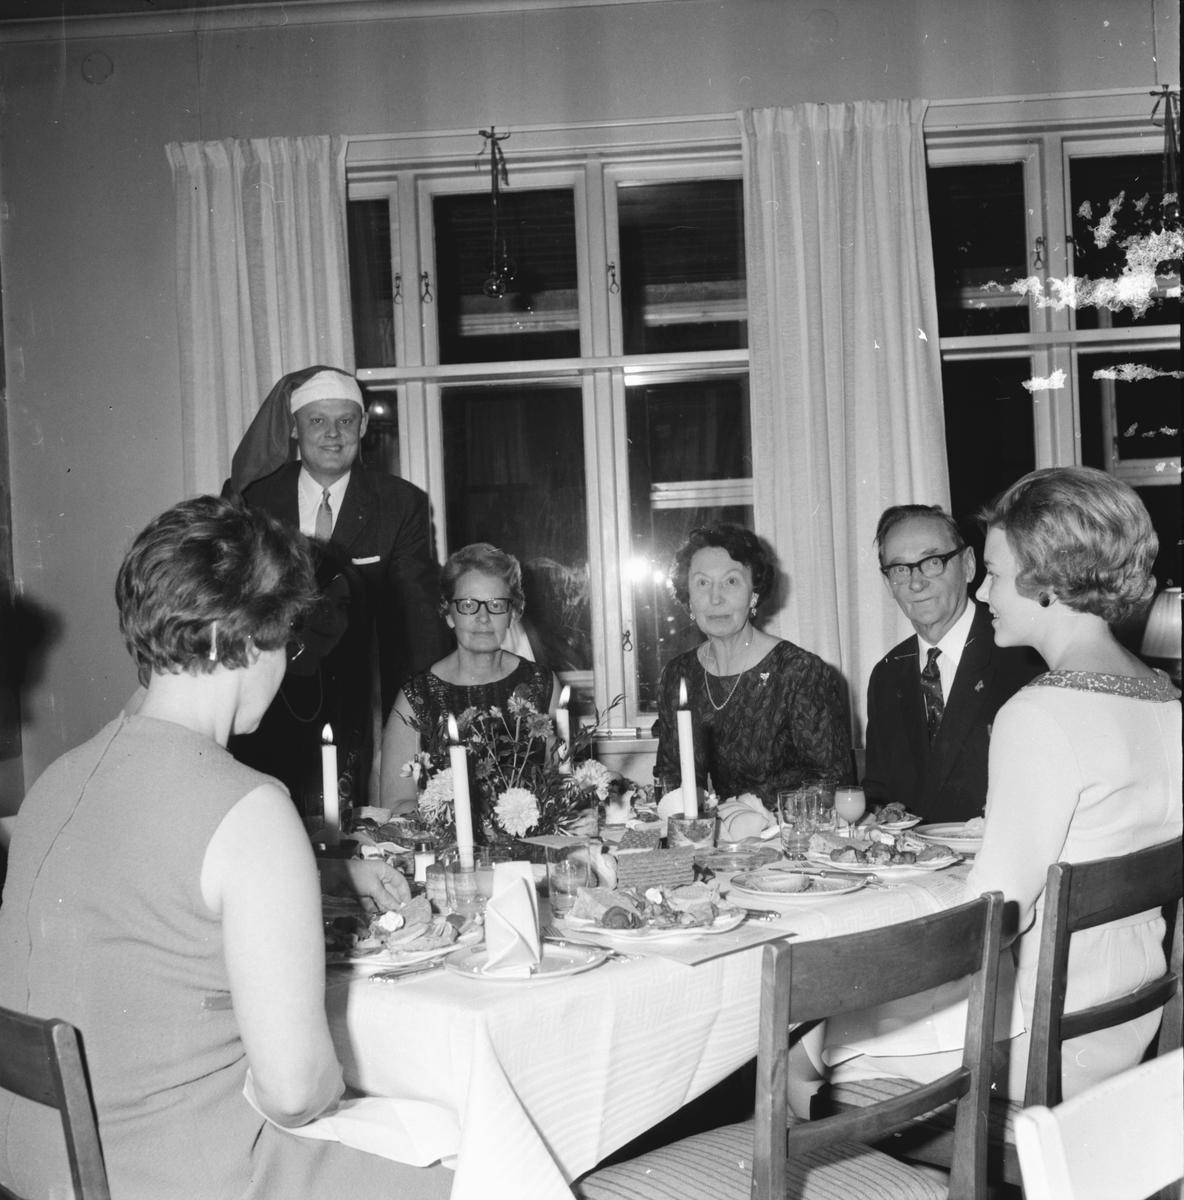 Lionklubben, Julfest på Rehngården, Luciorna presenteras, 6 Dec 1965